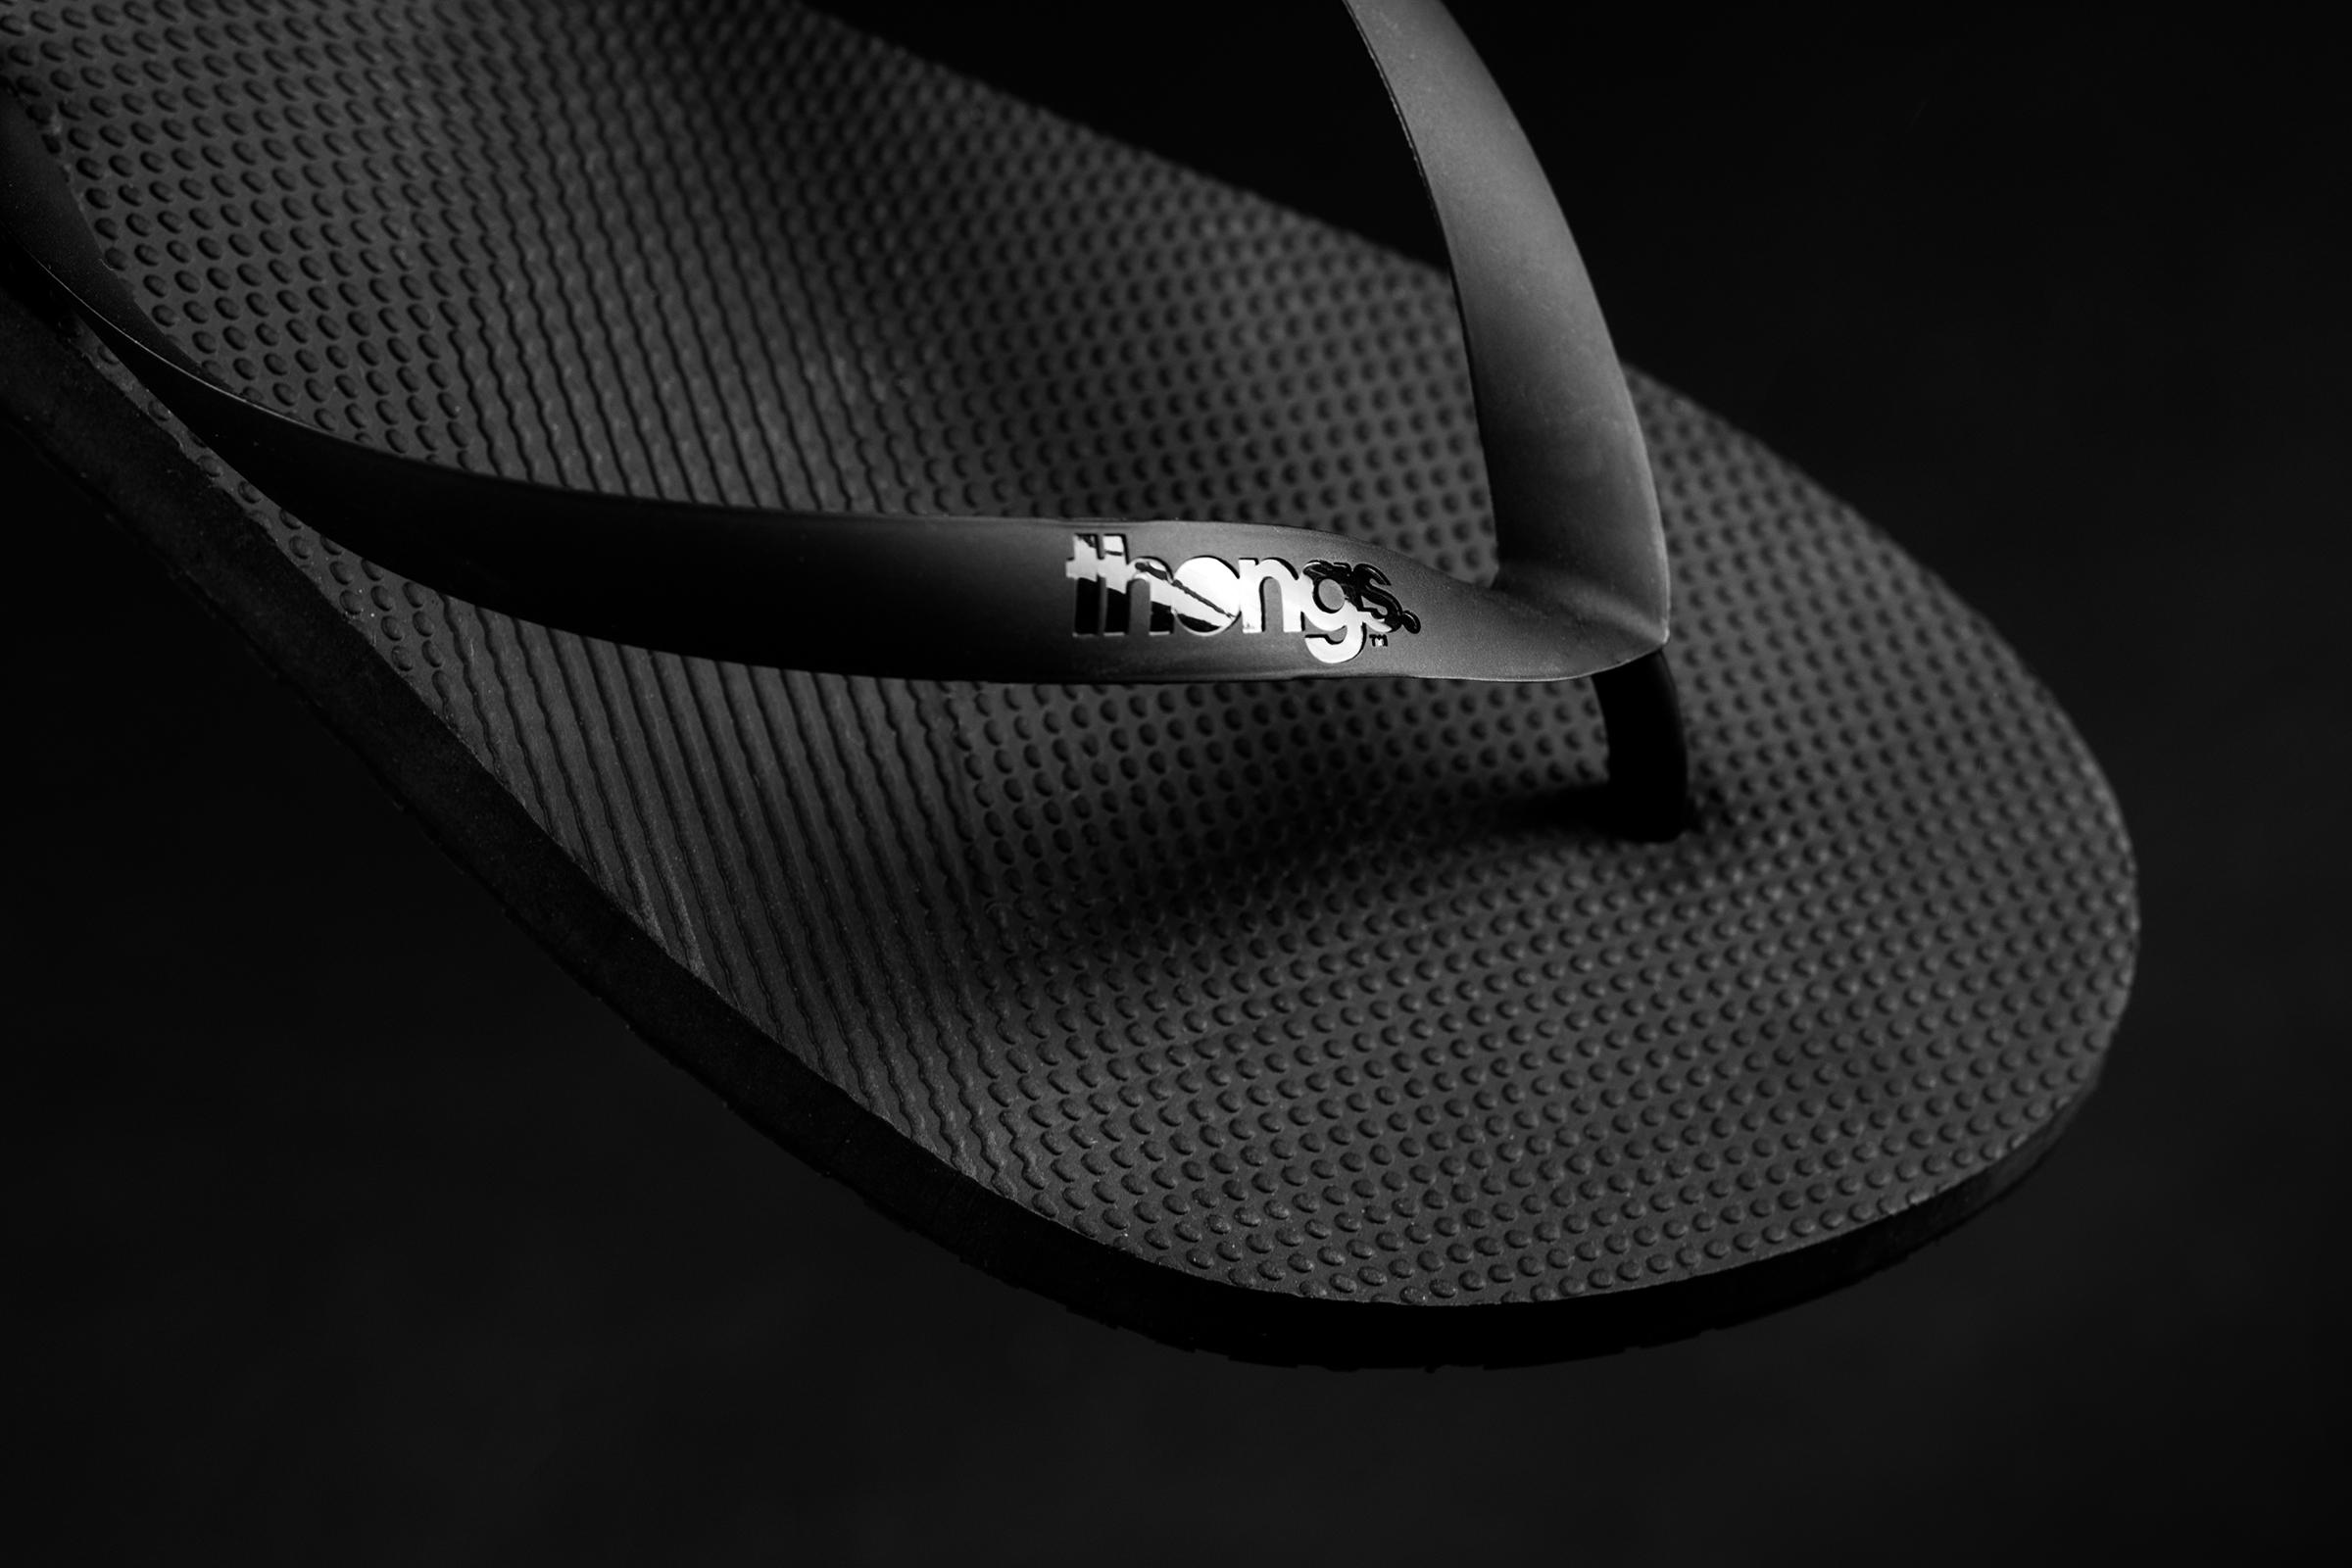 Thongs-Product-Shoot-Nov-2017-34-2-WEB.jpg